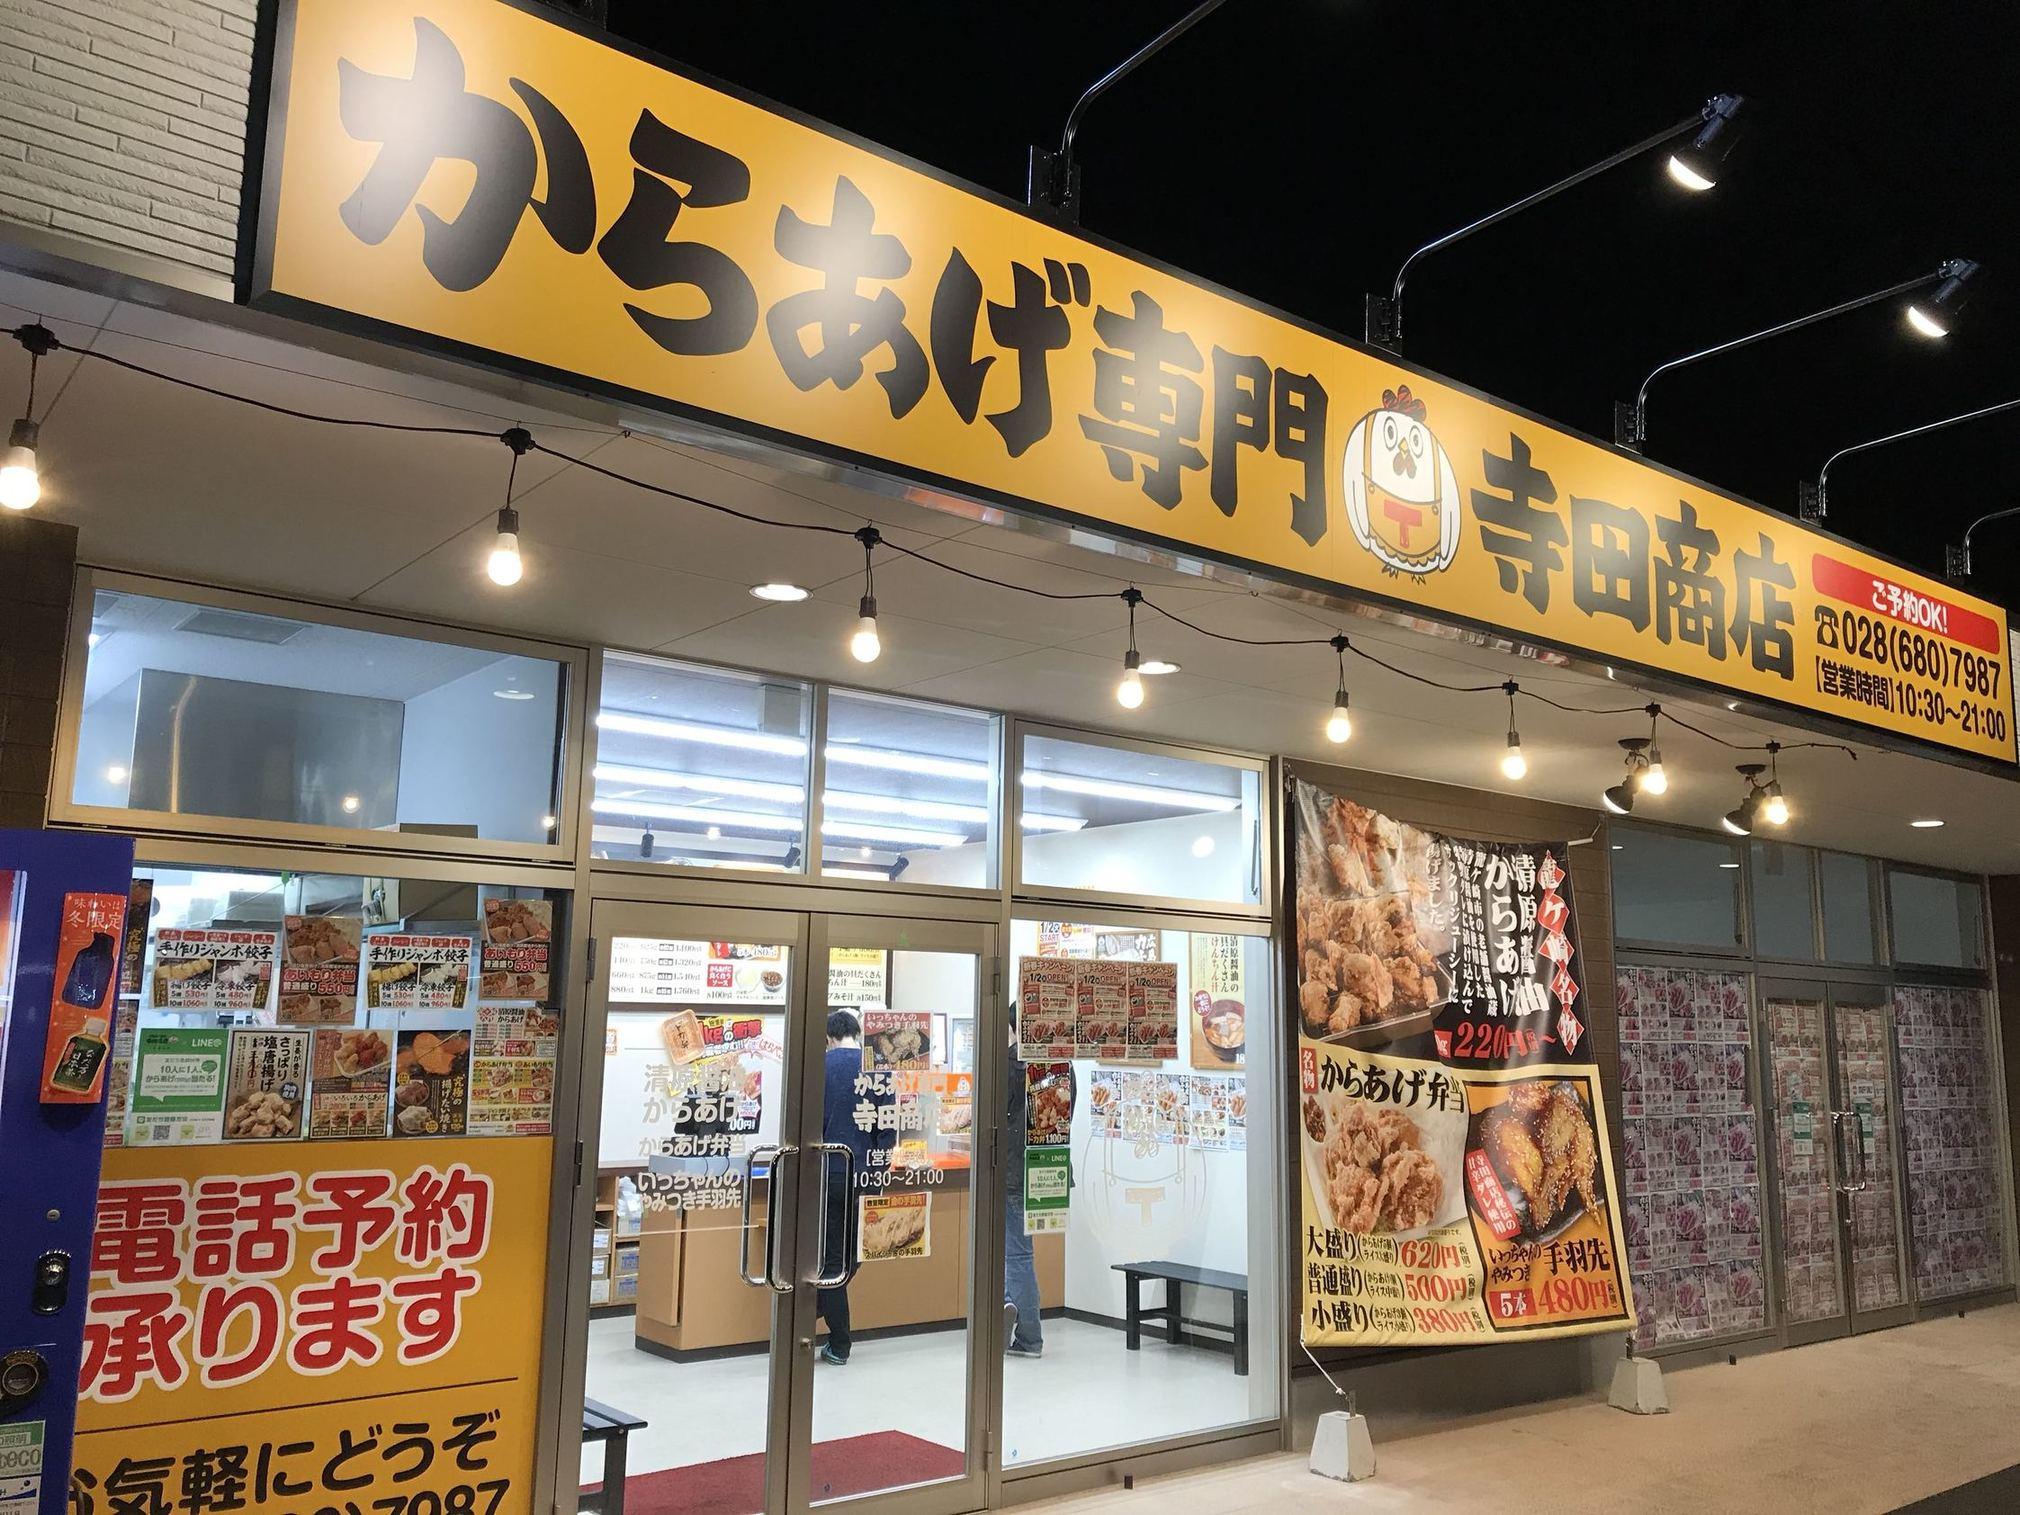 からあげ専門 寺田商店 江曽島店 name=